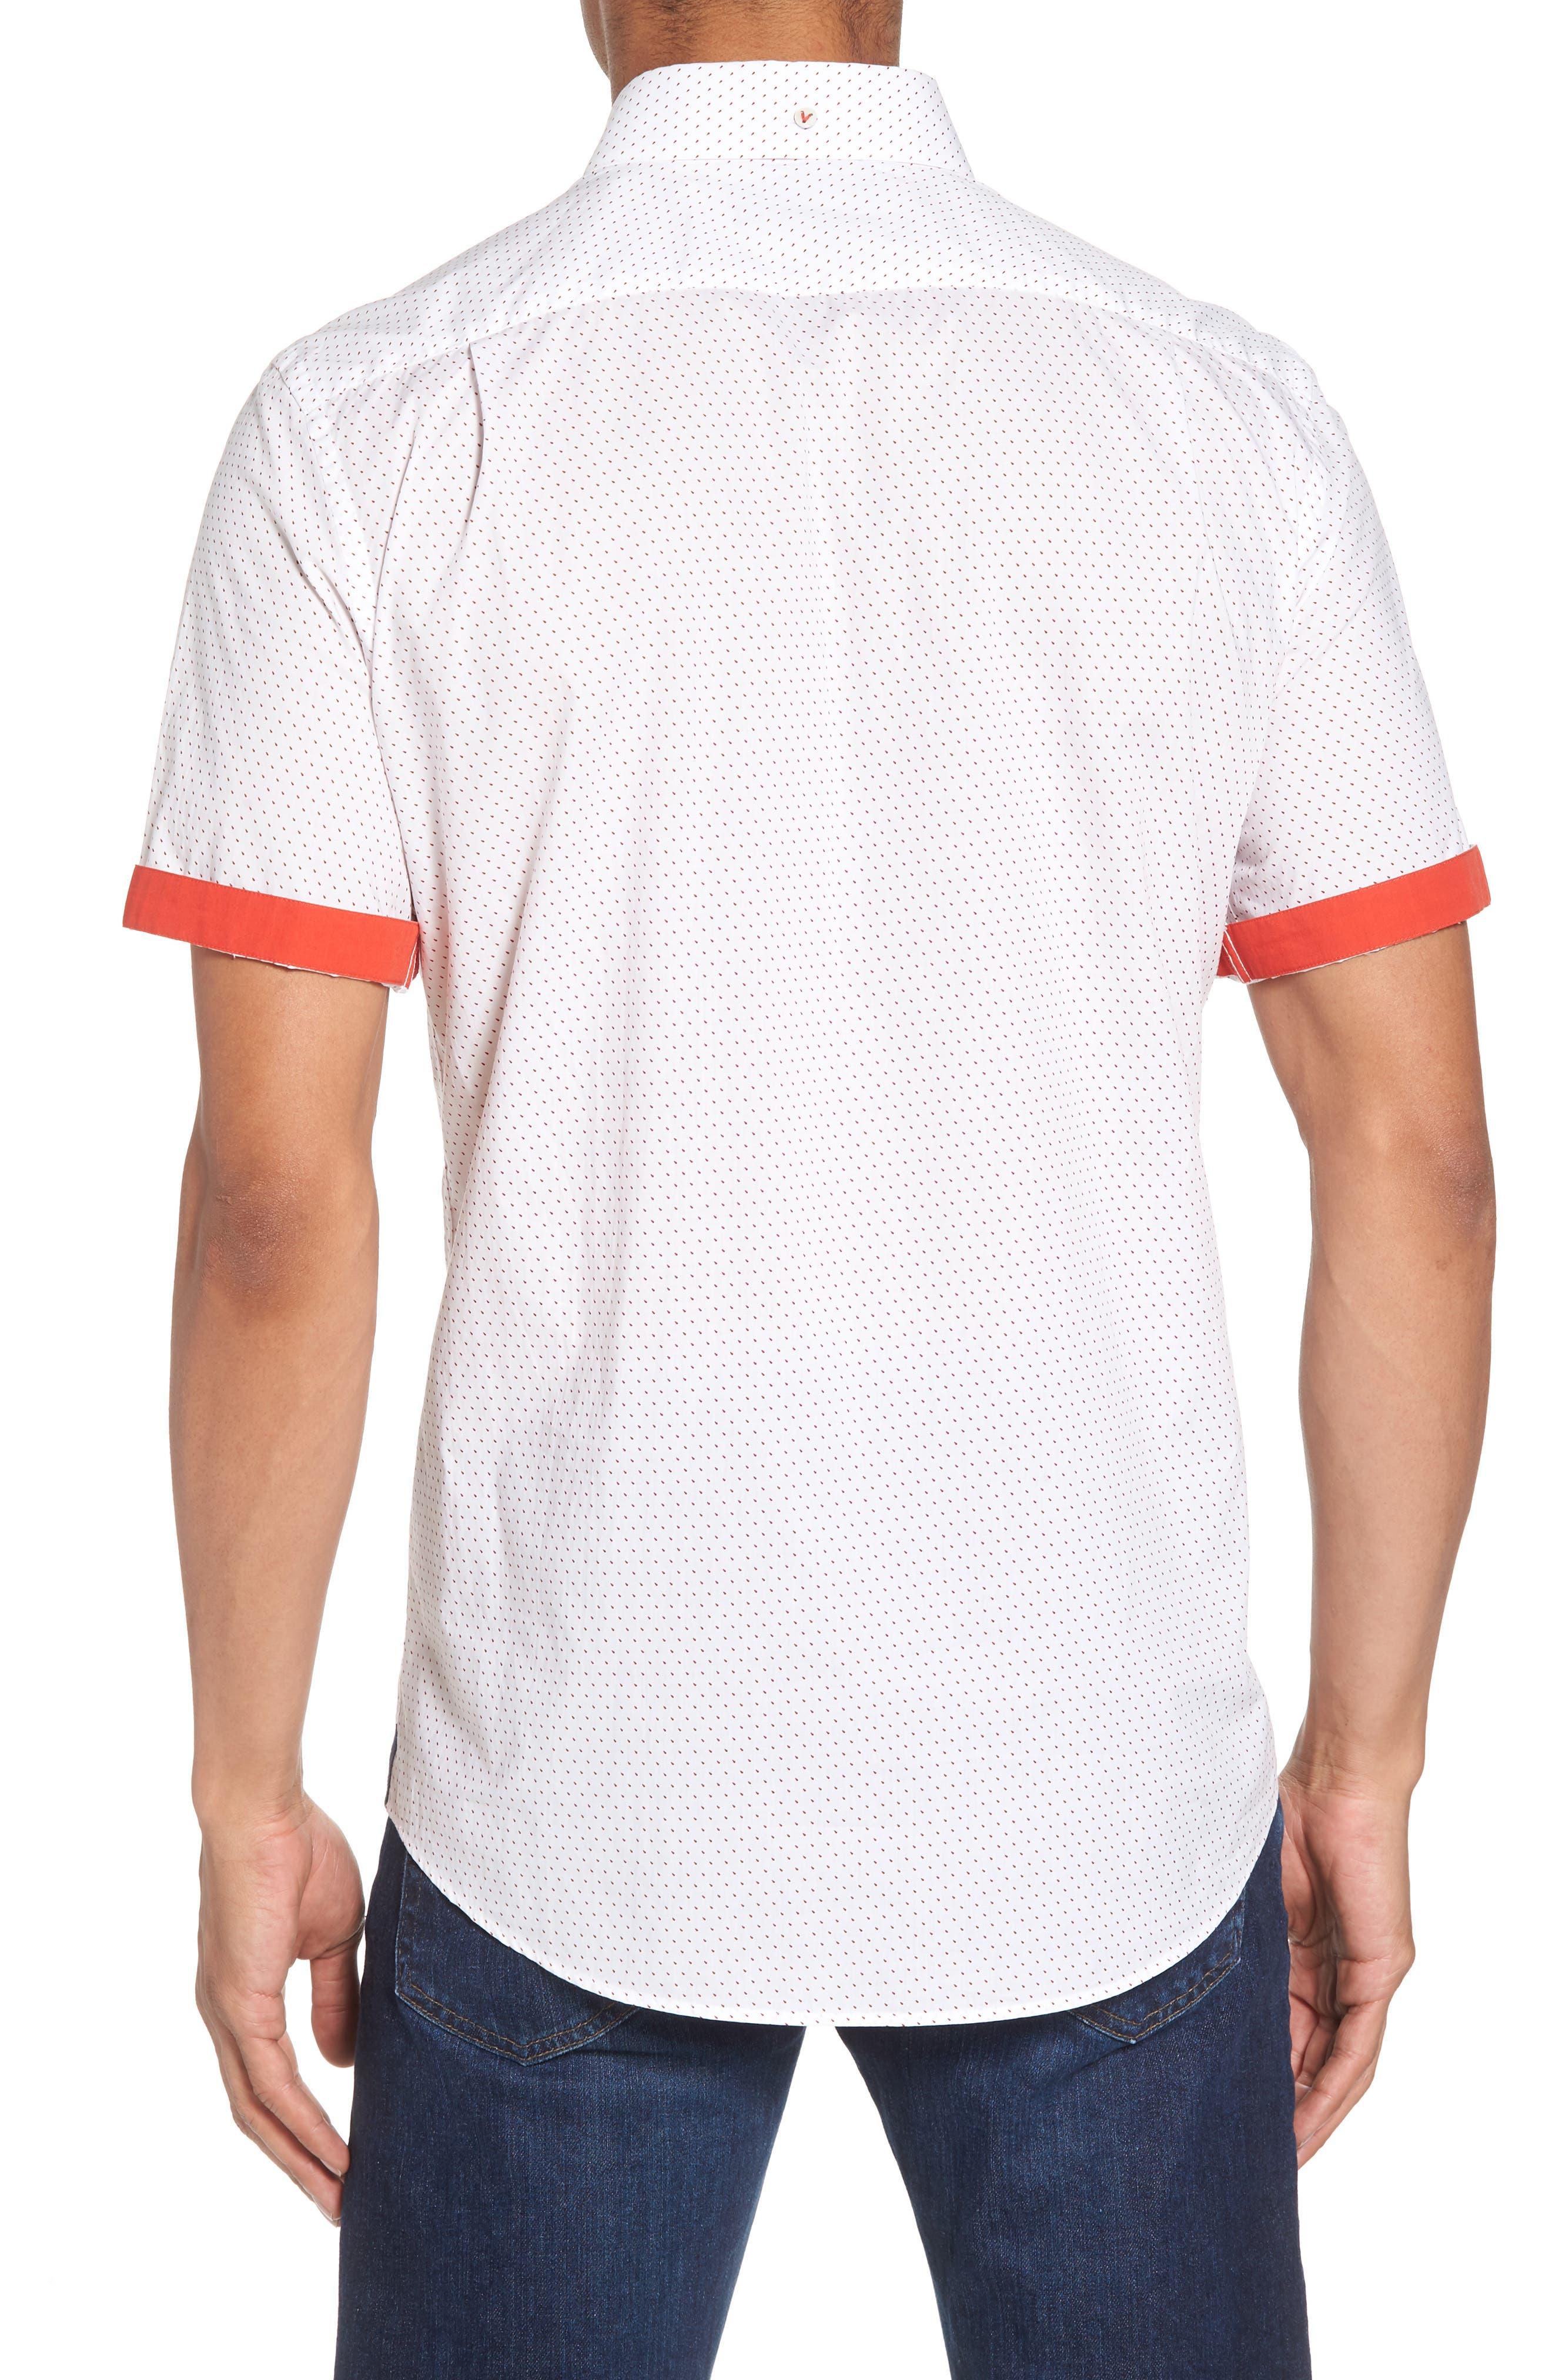 Dot Print Shirt,                             Alternate thumbnail 2, color,